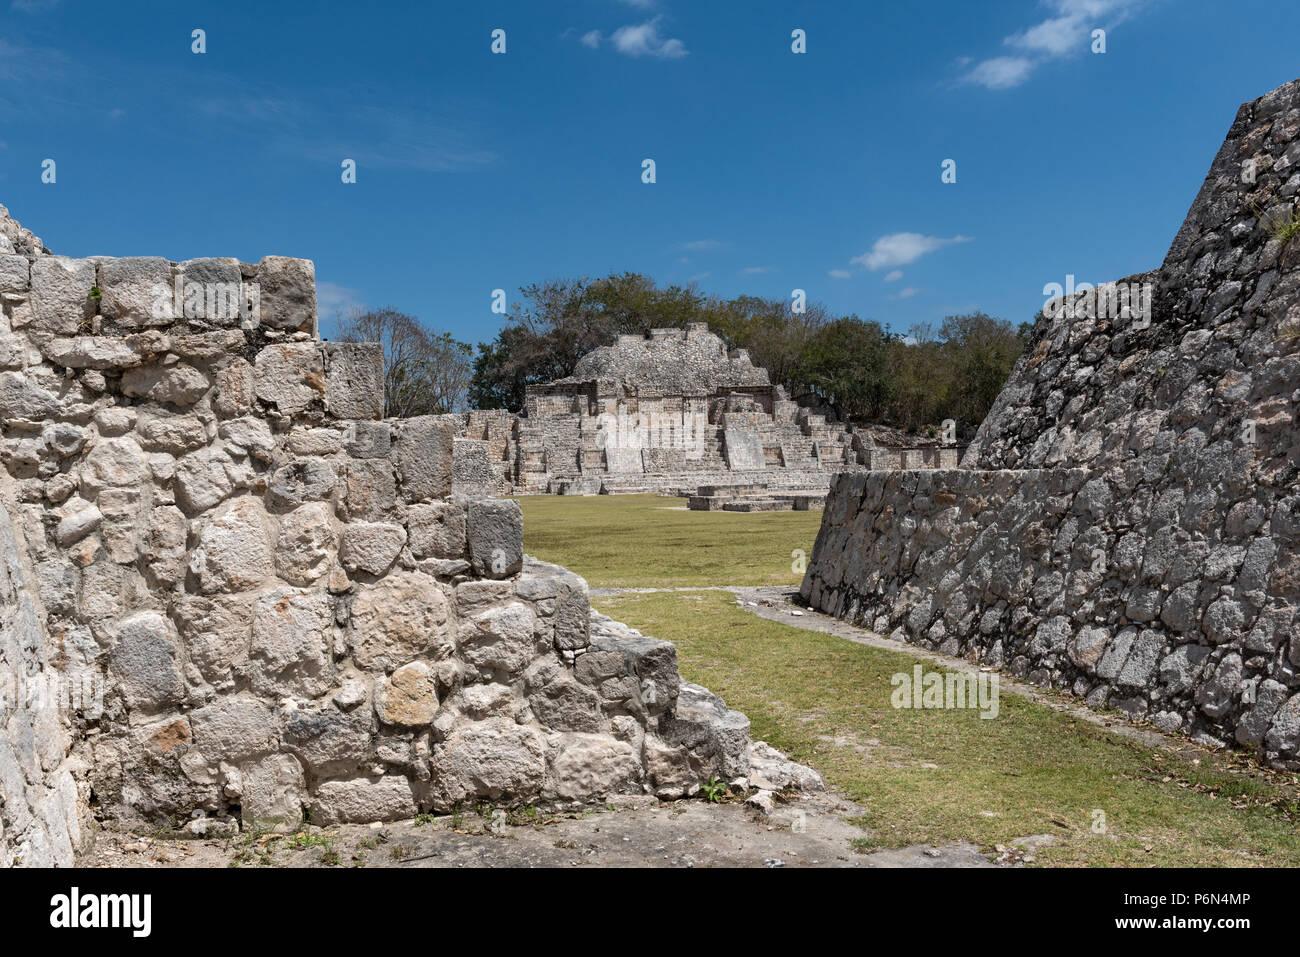 Ruinas de la antigua ciudad maya de Edzná, cerca de Campeche, México Imagen De Stock